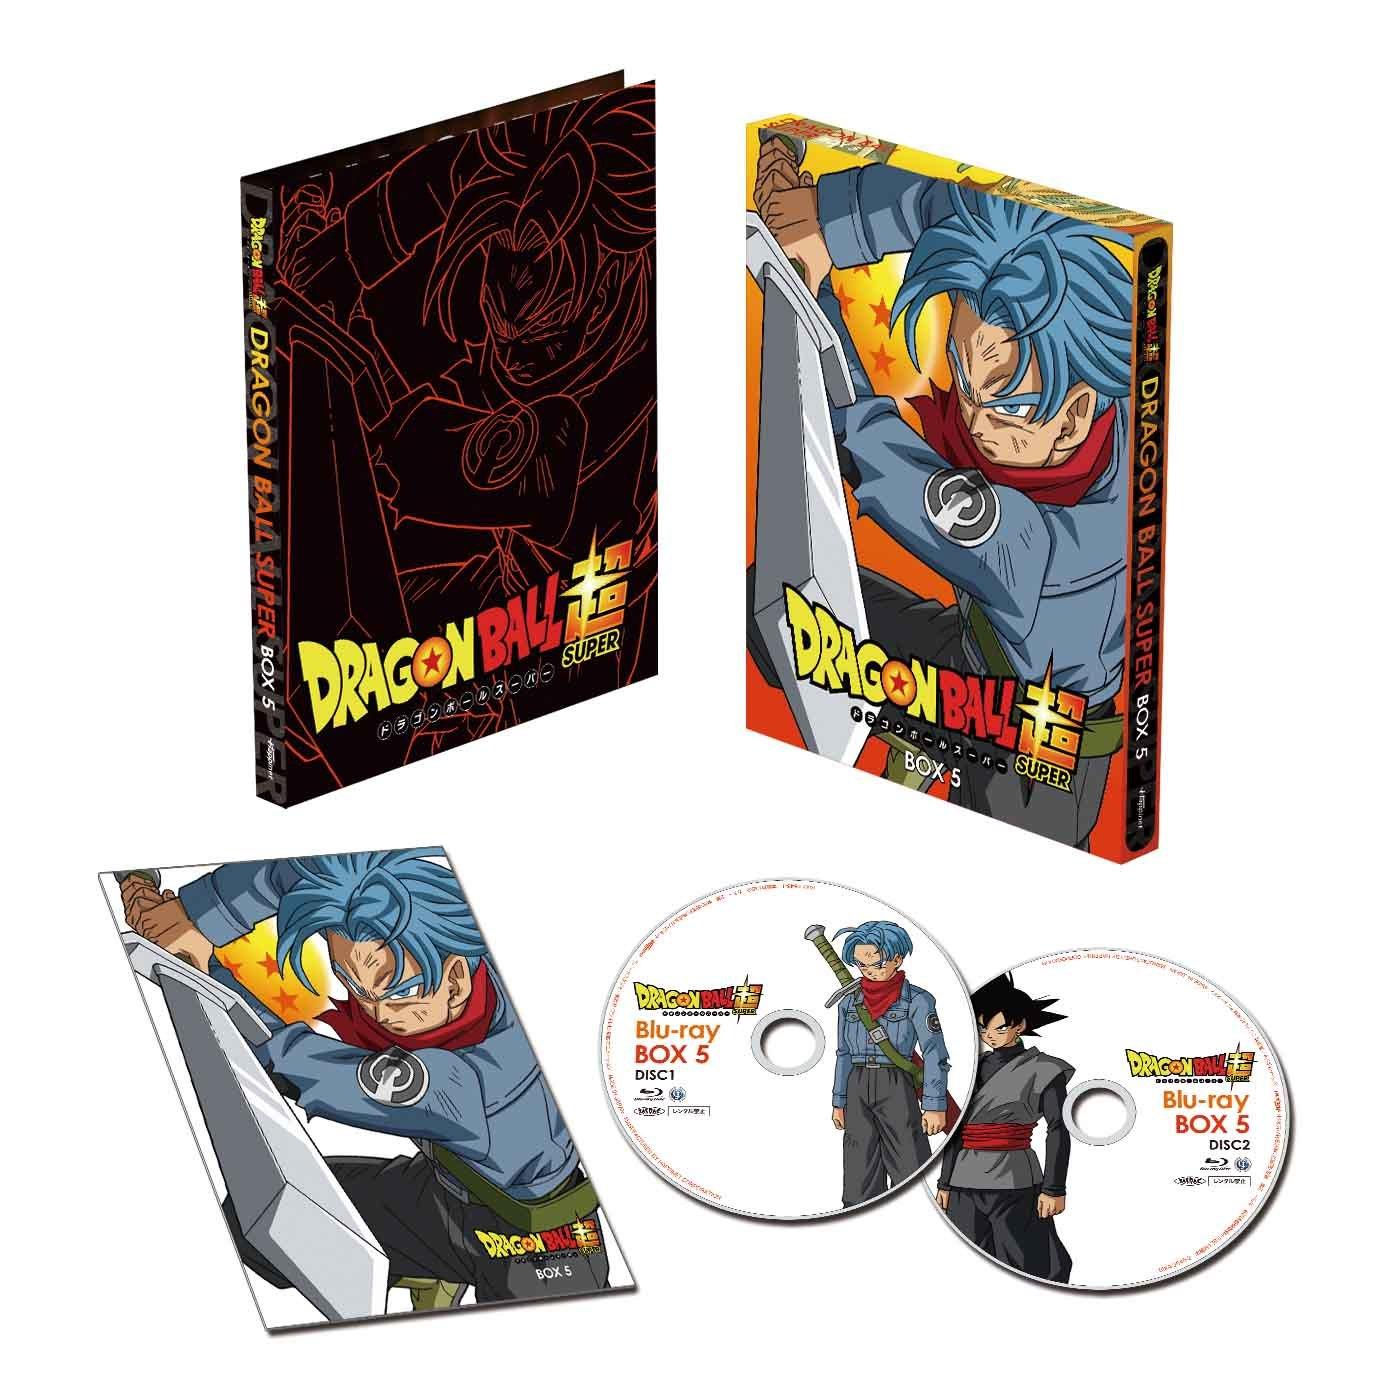 ドラゴンボール超 Blu-ray BOX5(オリジナルB2布ポスター付き) B01FS0JUIY